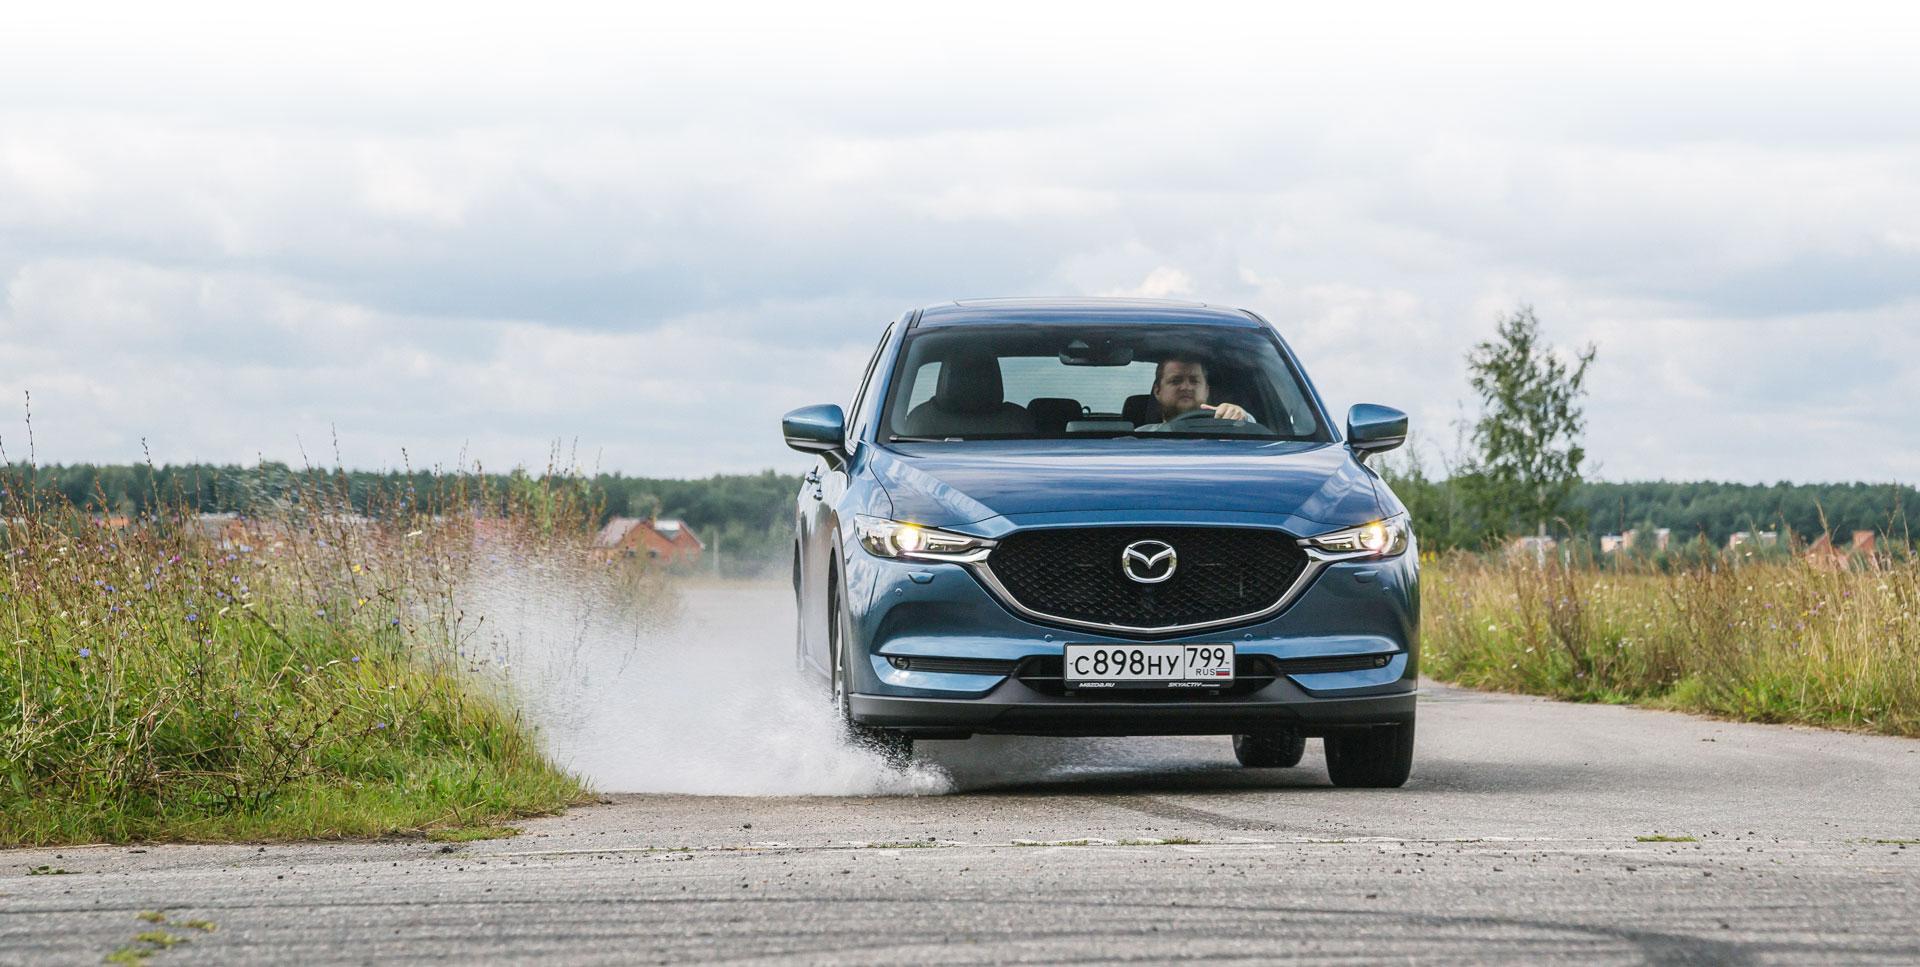 Mazda CX-5Пожалуй, самая красивая машина в классе. CX-5 предлагается в России с двумя атмосферниками рабочим объёмом 2,0 и 2,5 литра мощностью 150 и 194 лошадиные силы соответственно. Стандартный вариант кроссовера оценён в 1595000 рублей, а самая дорогая версия Мазды стоит 2535000 рублей